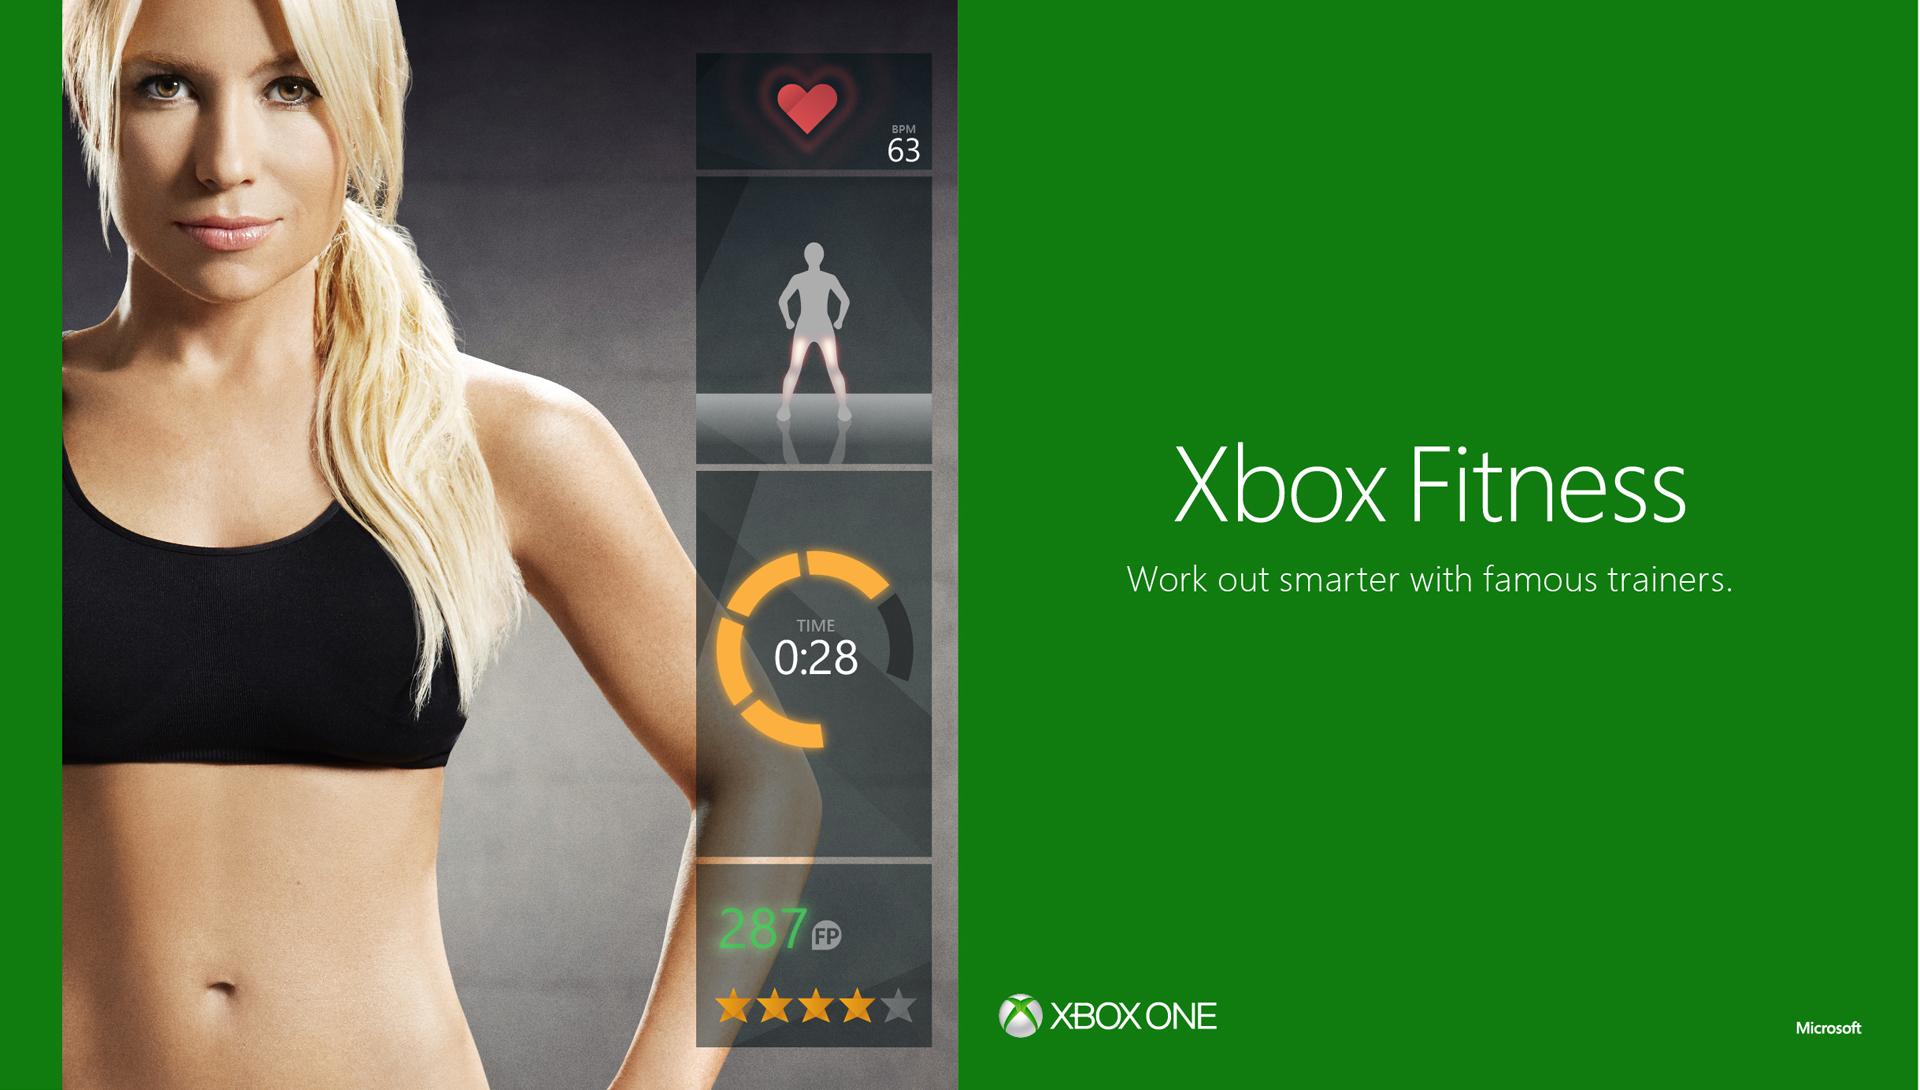 XboxFitness Xbox One Div 006